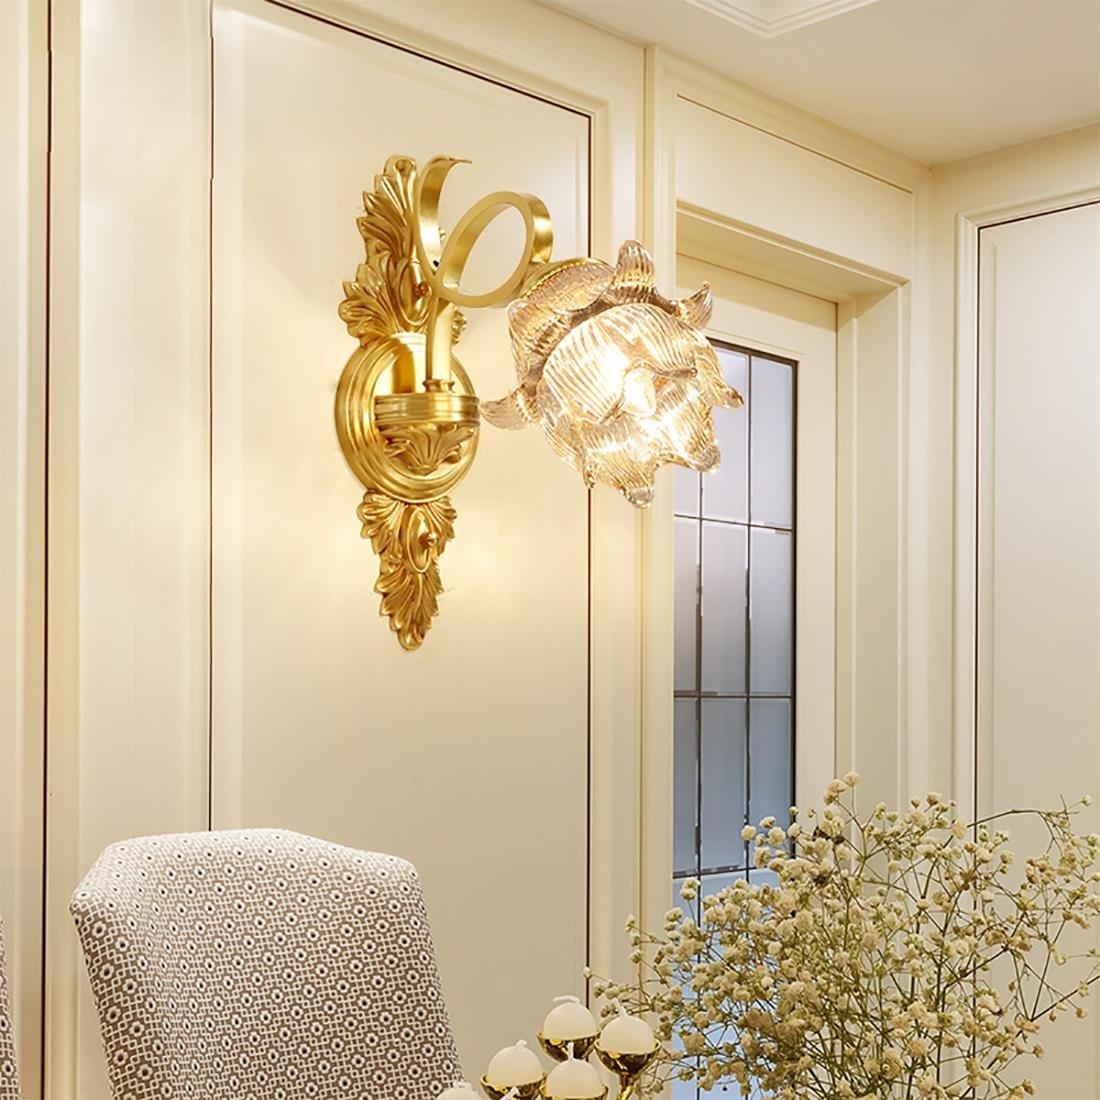 BENJUNToda la lámpara de pared de cobre Lámpara de pared de cristal de lujo Dormitorio lámpara de noche Iluminación del pasillo Lámpara de pared LED 33  15cm E14